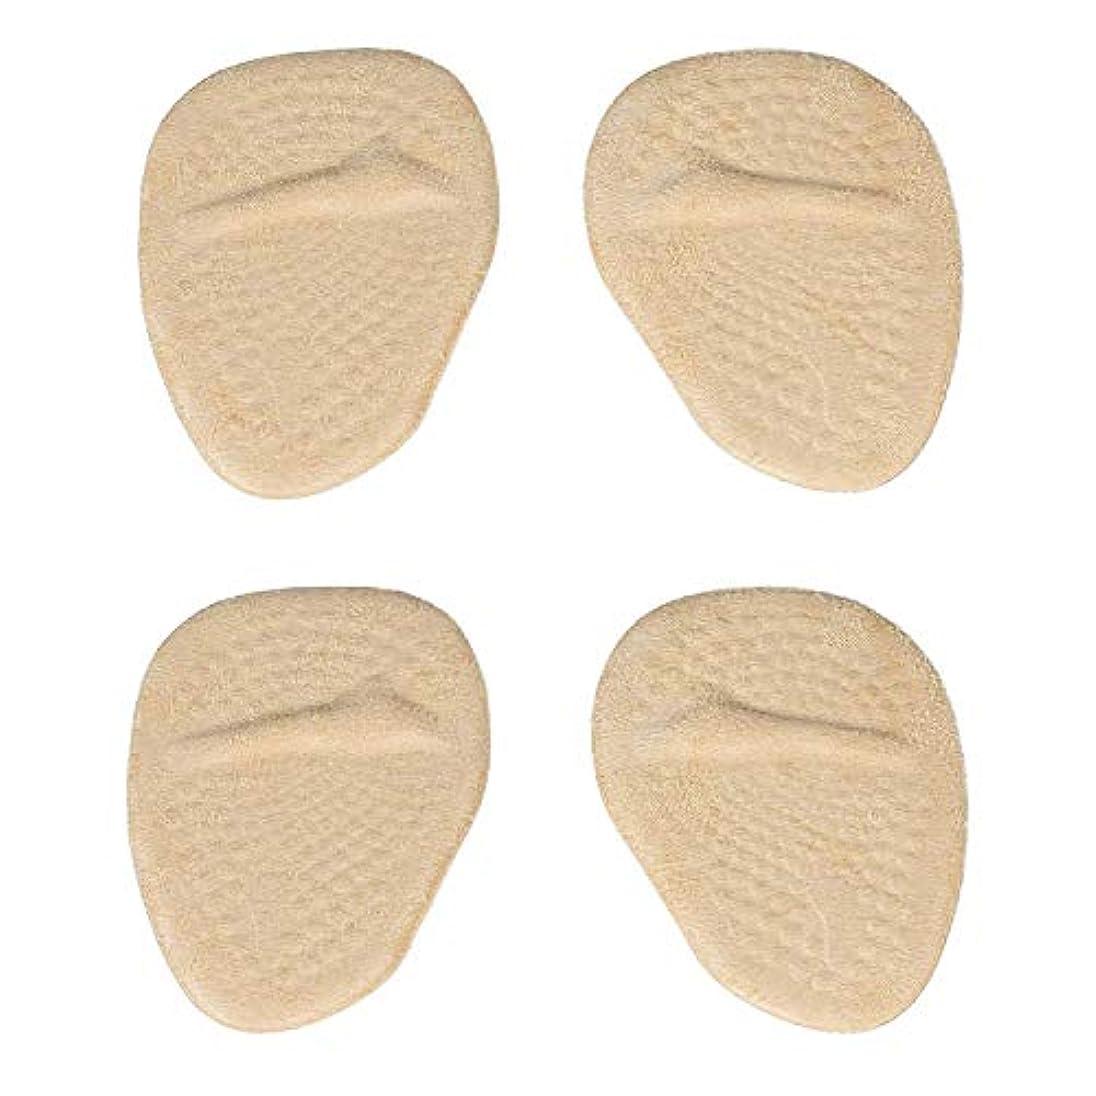 ドリンク引く放射する脛骨パッド、足パッド、頬骨パッド、女性用ハイヒール用足パッド、滑り止めジェル